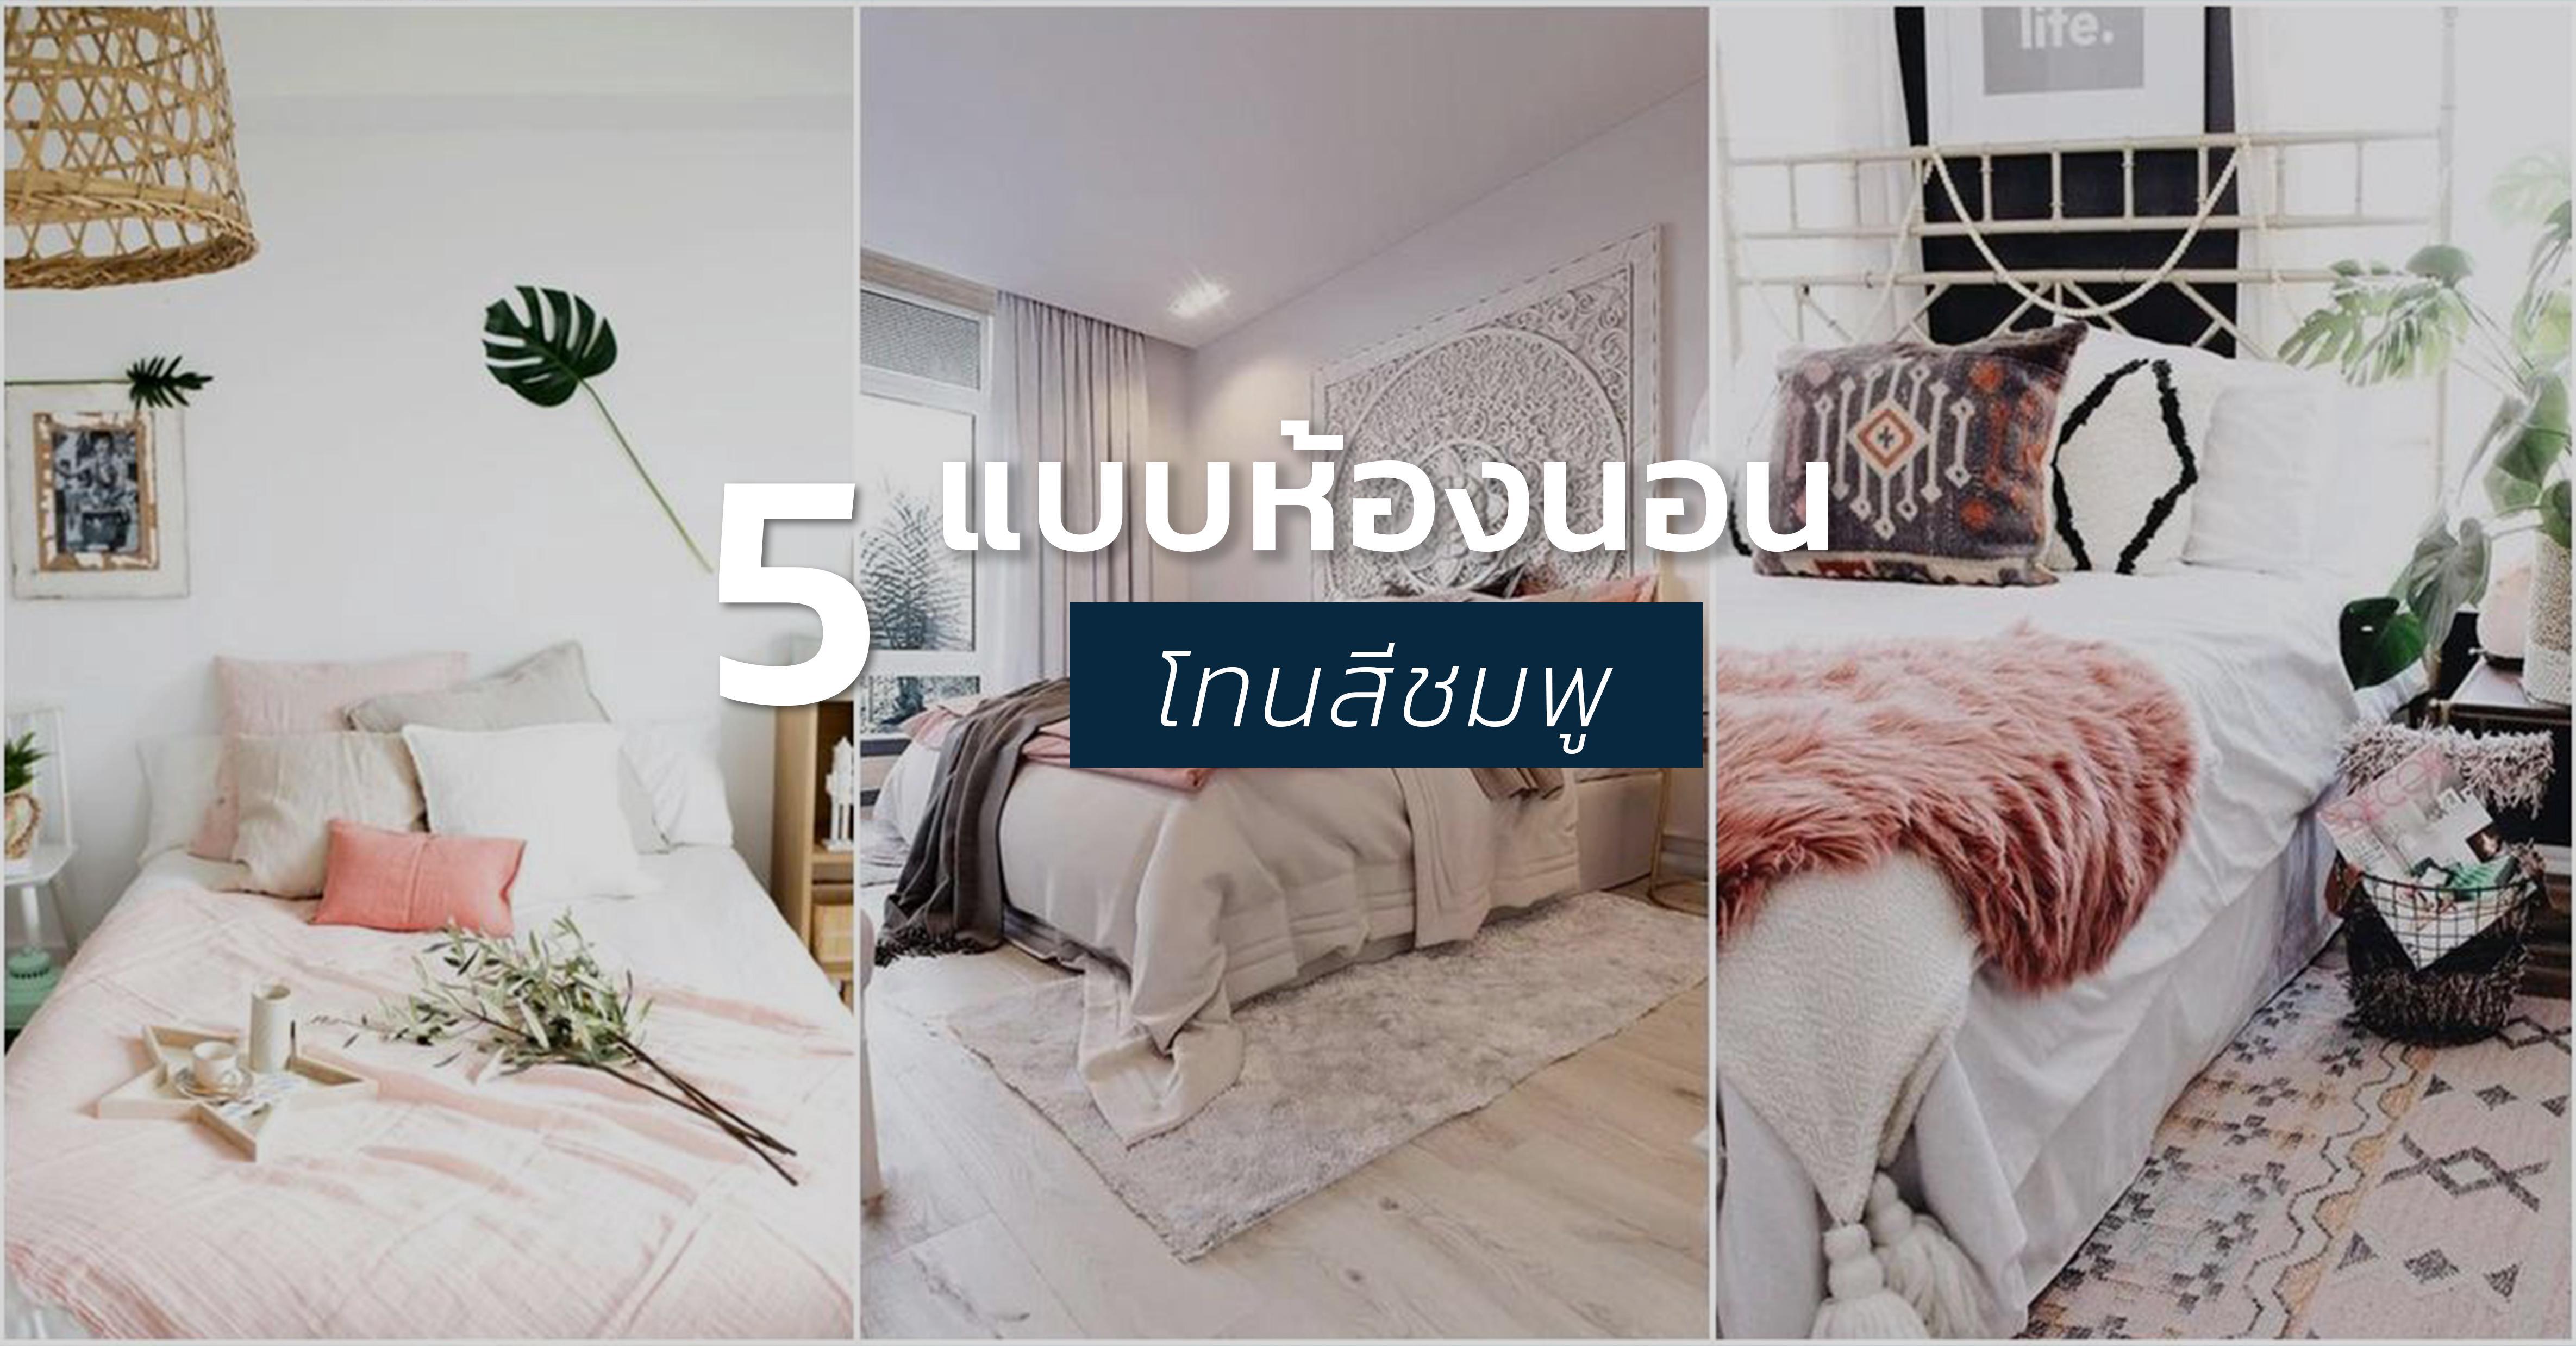 รูปบทความ รวม 5 แบบห้องนอนสีชมพู ดูน่ารัก ปักหมุดแต่งตามกันเลยดีกว่า!